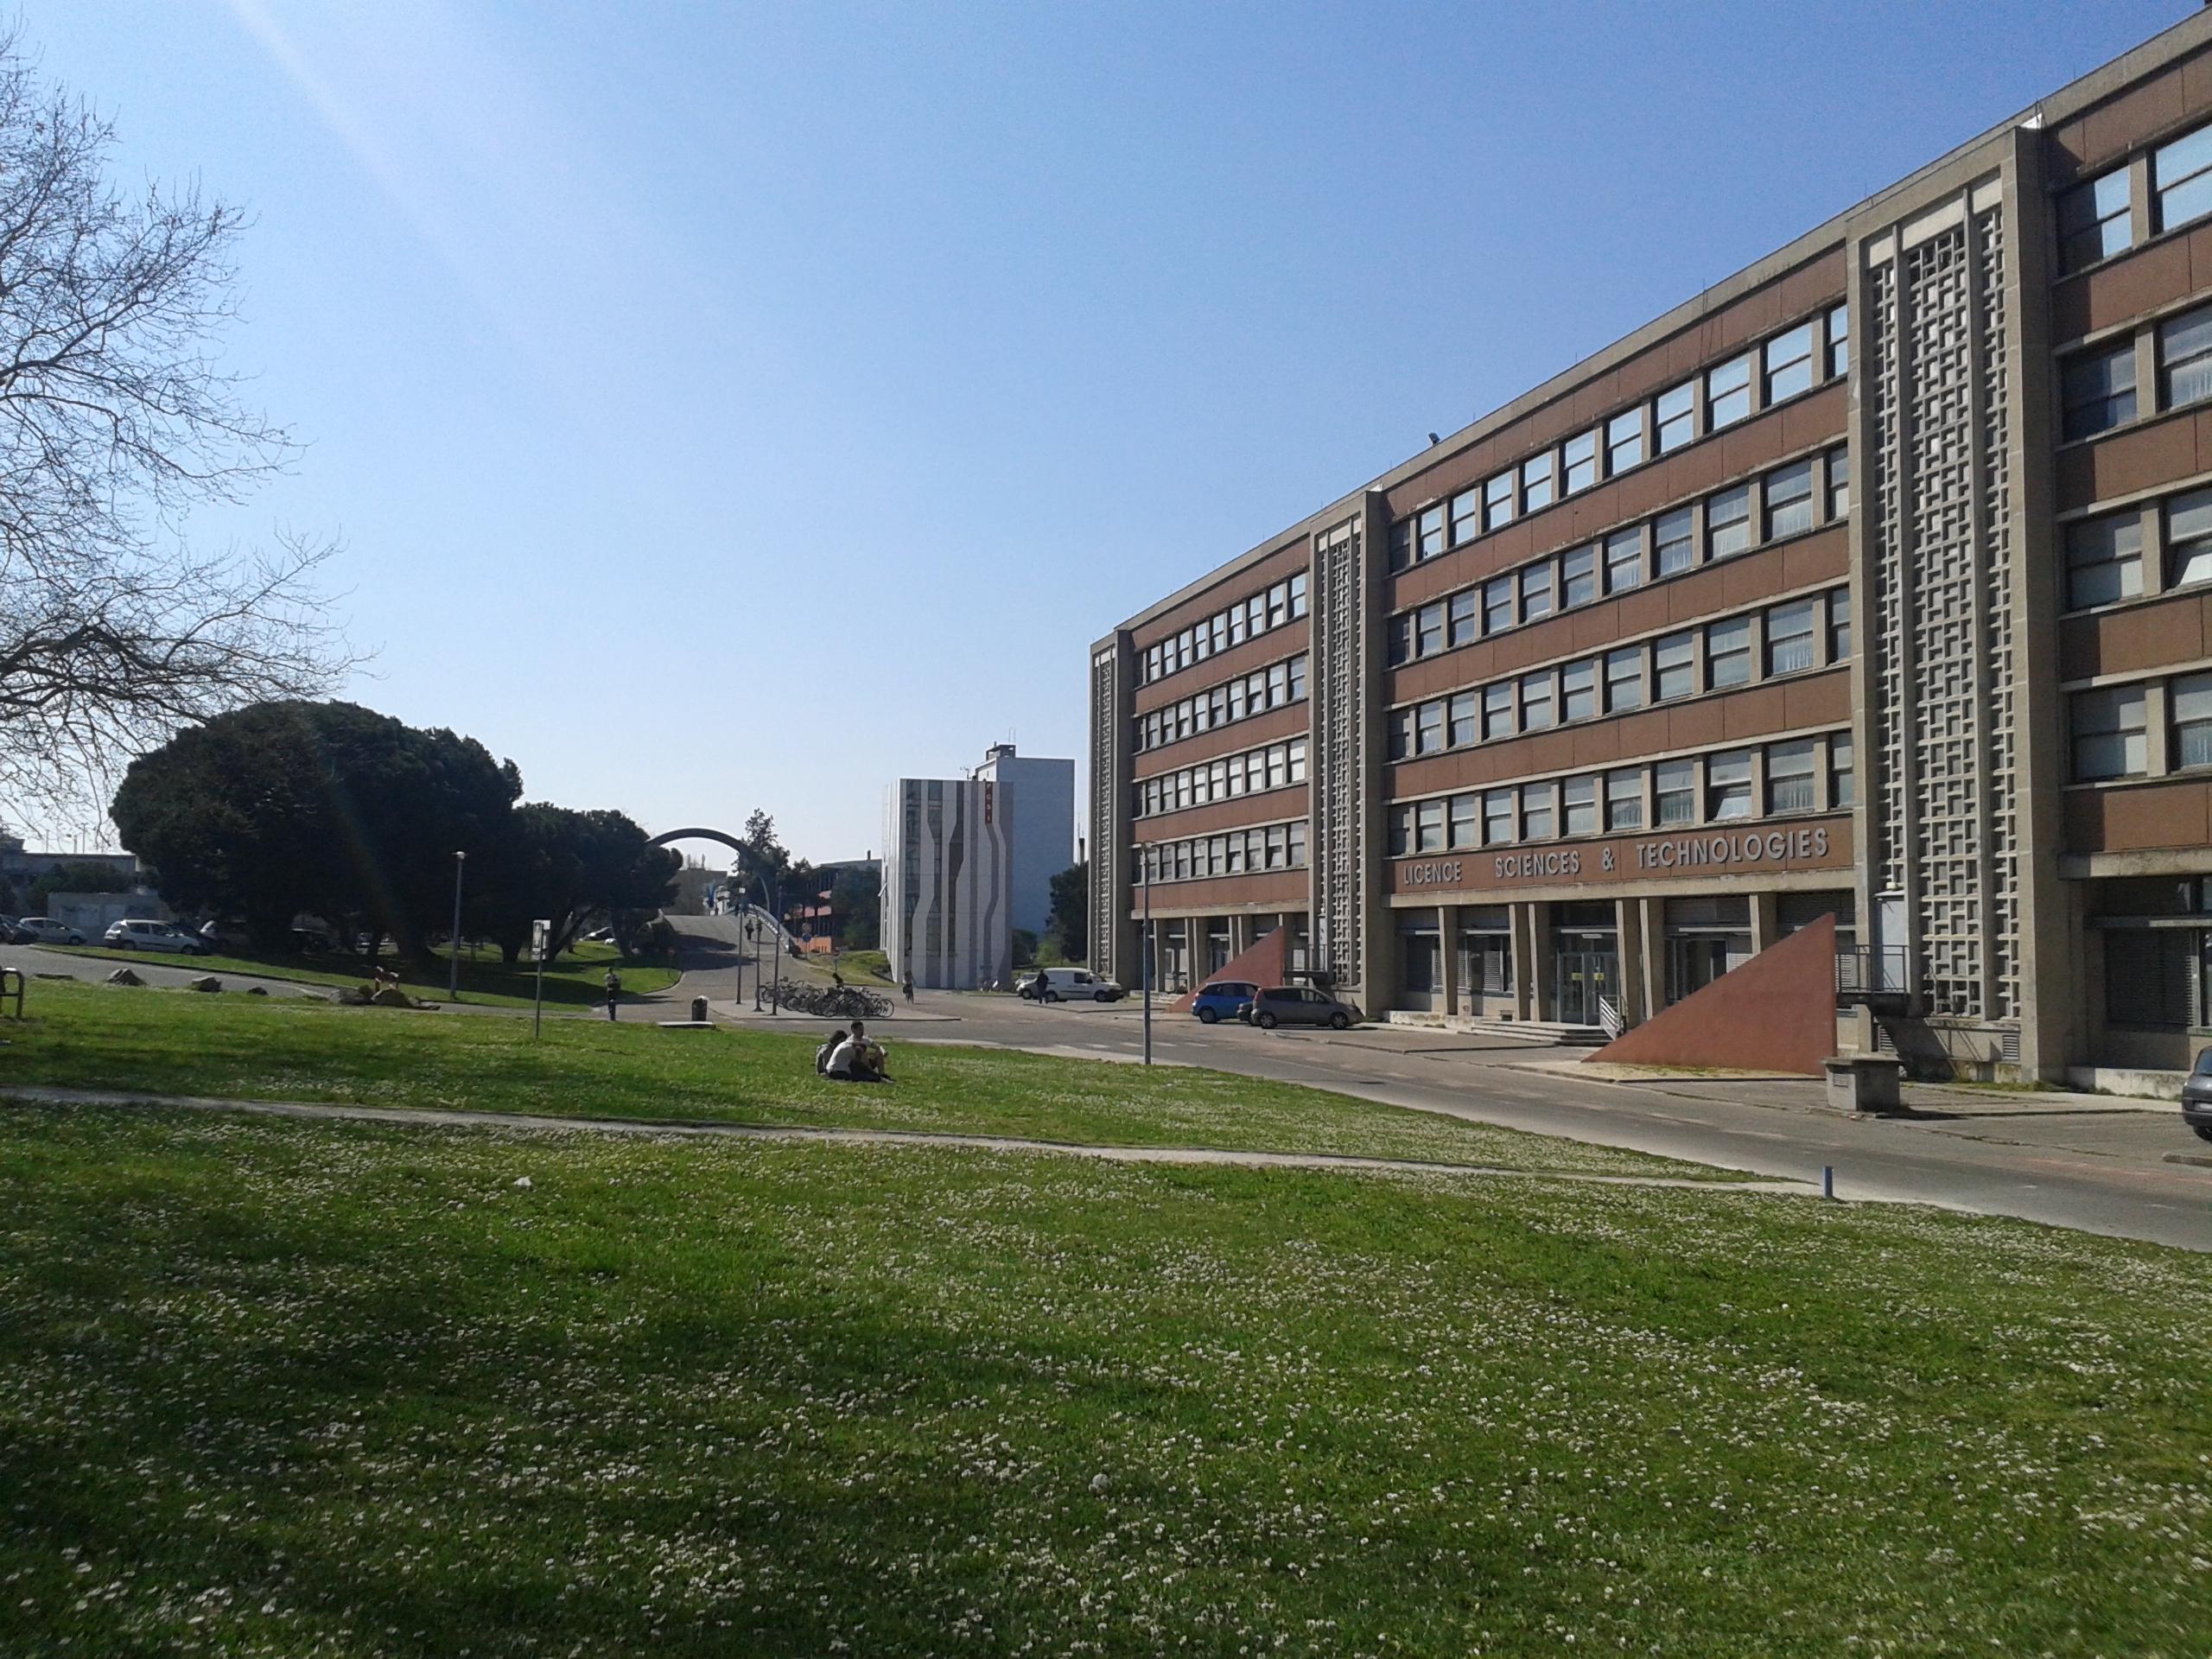 Université Bordeaux 1